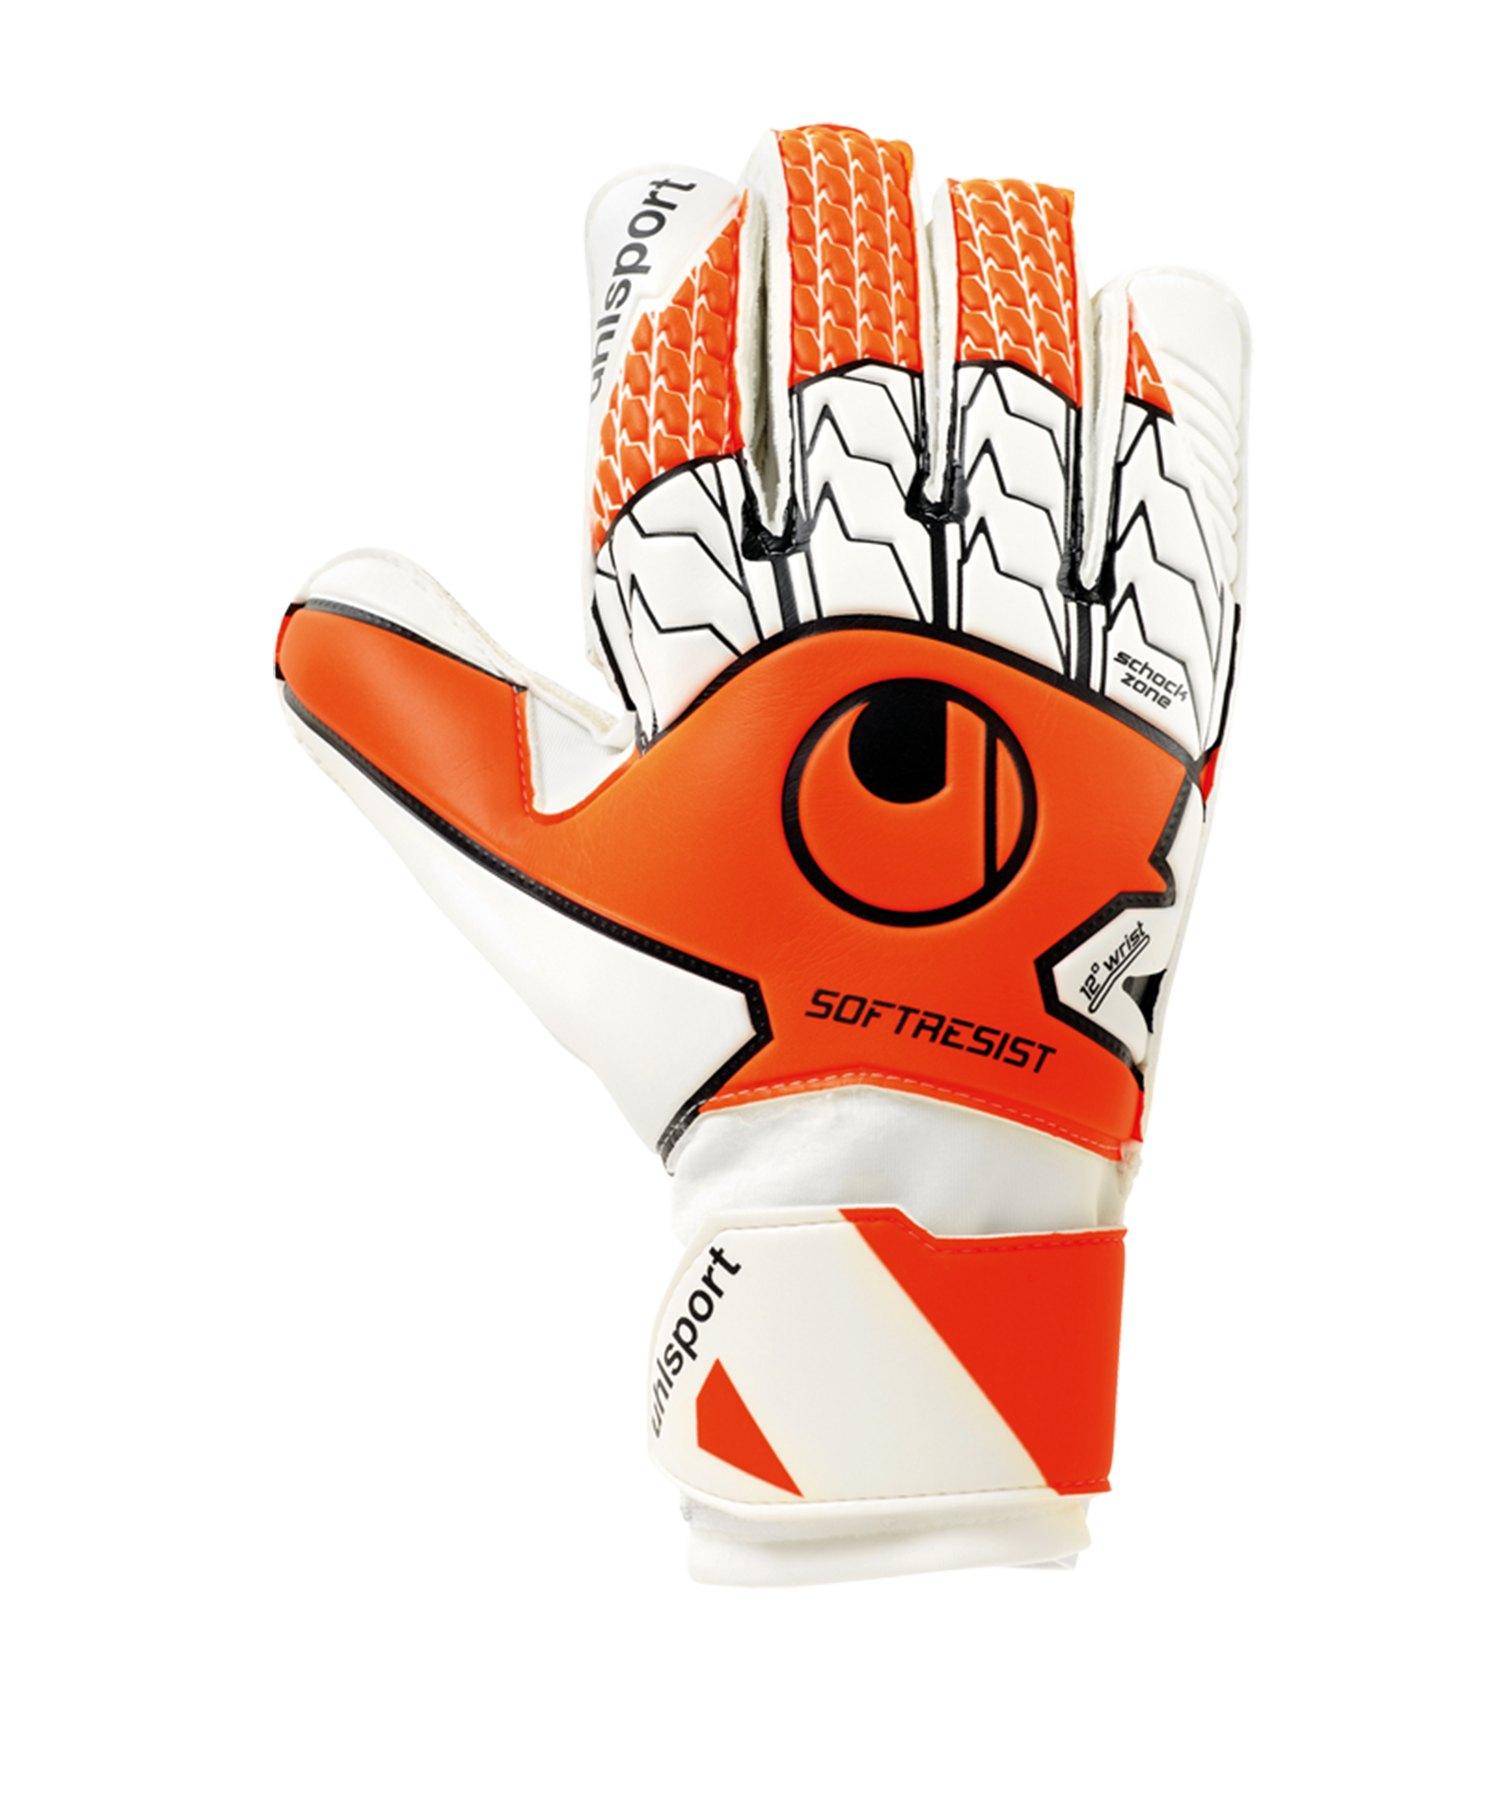 Uhlsport Soft Resist TW-Handschuh Orange F01 - orange